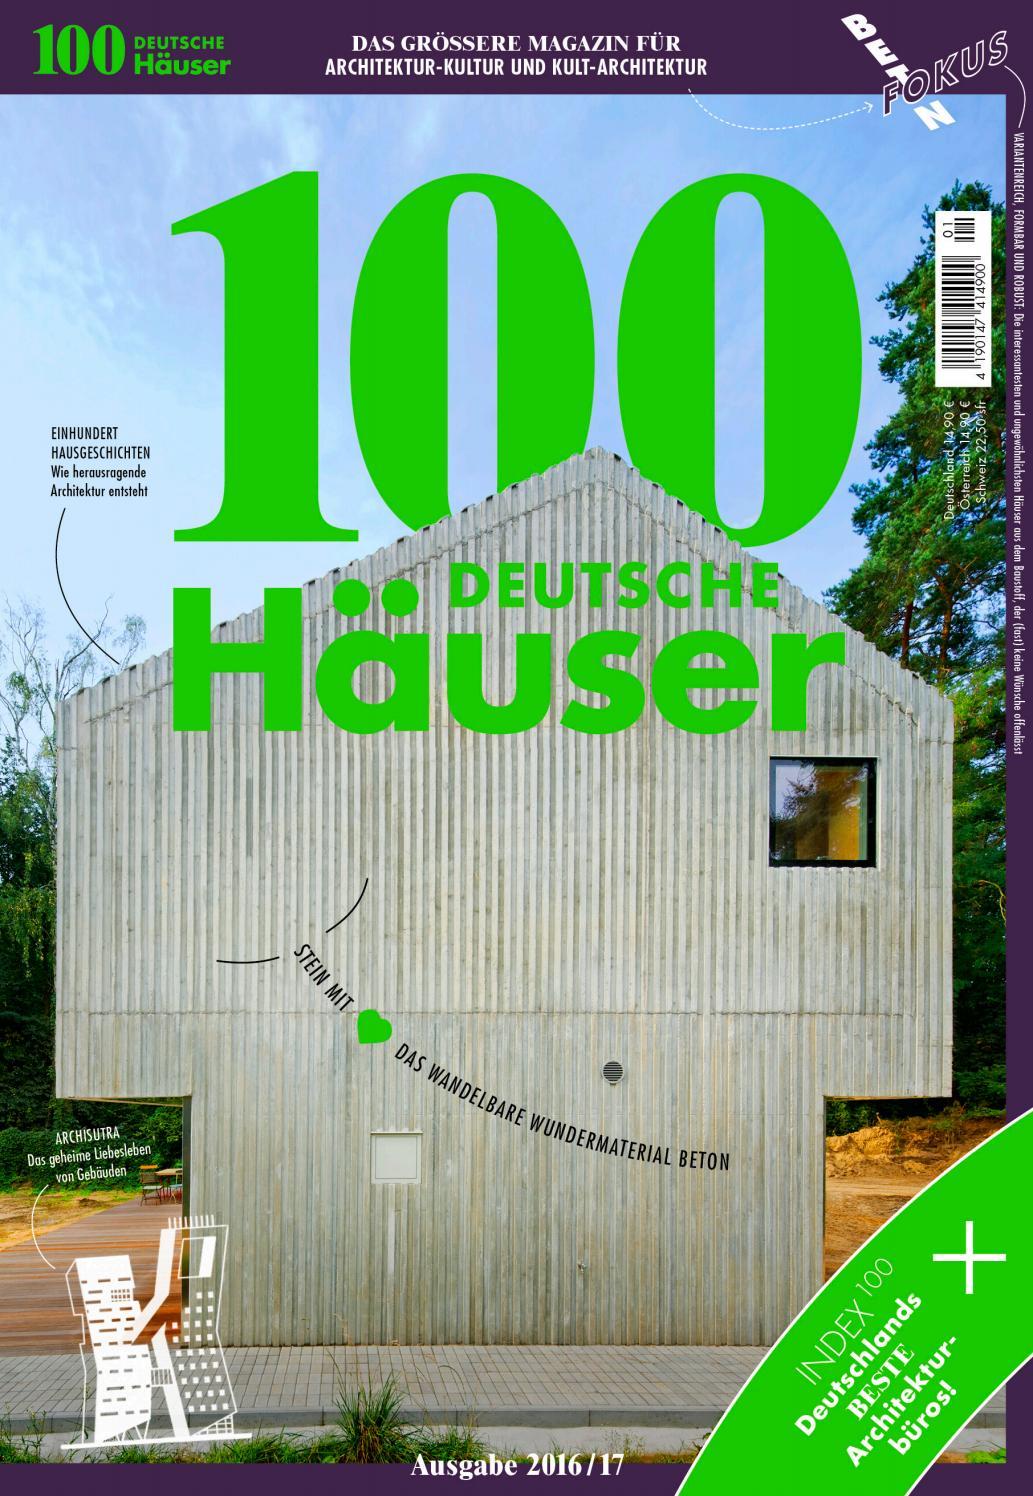 100 deutsche Häuser 2016 by 100 deutsche Häuser - issuu